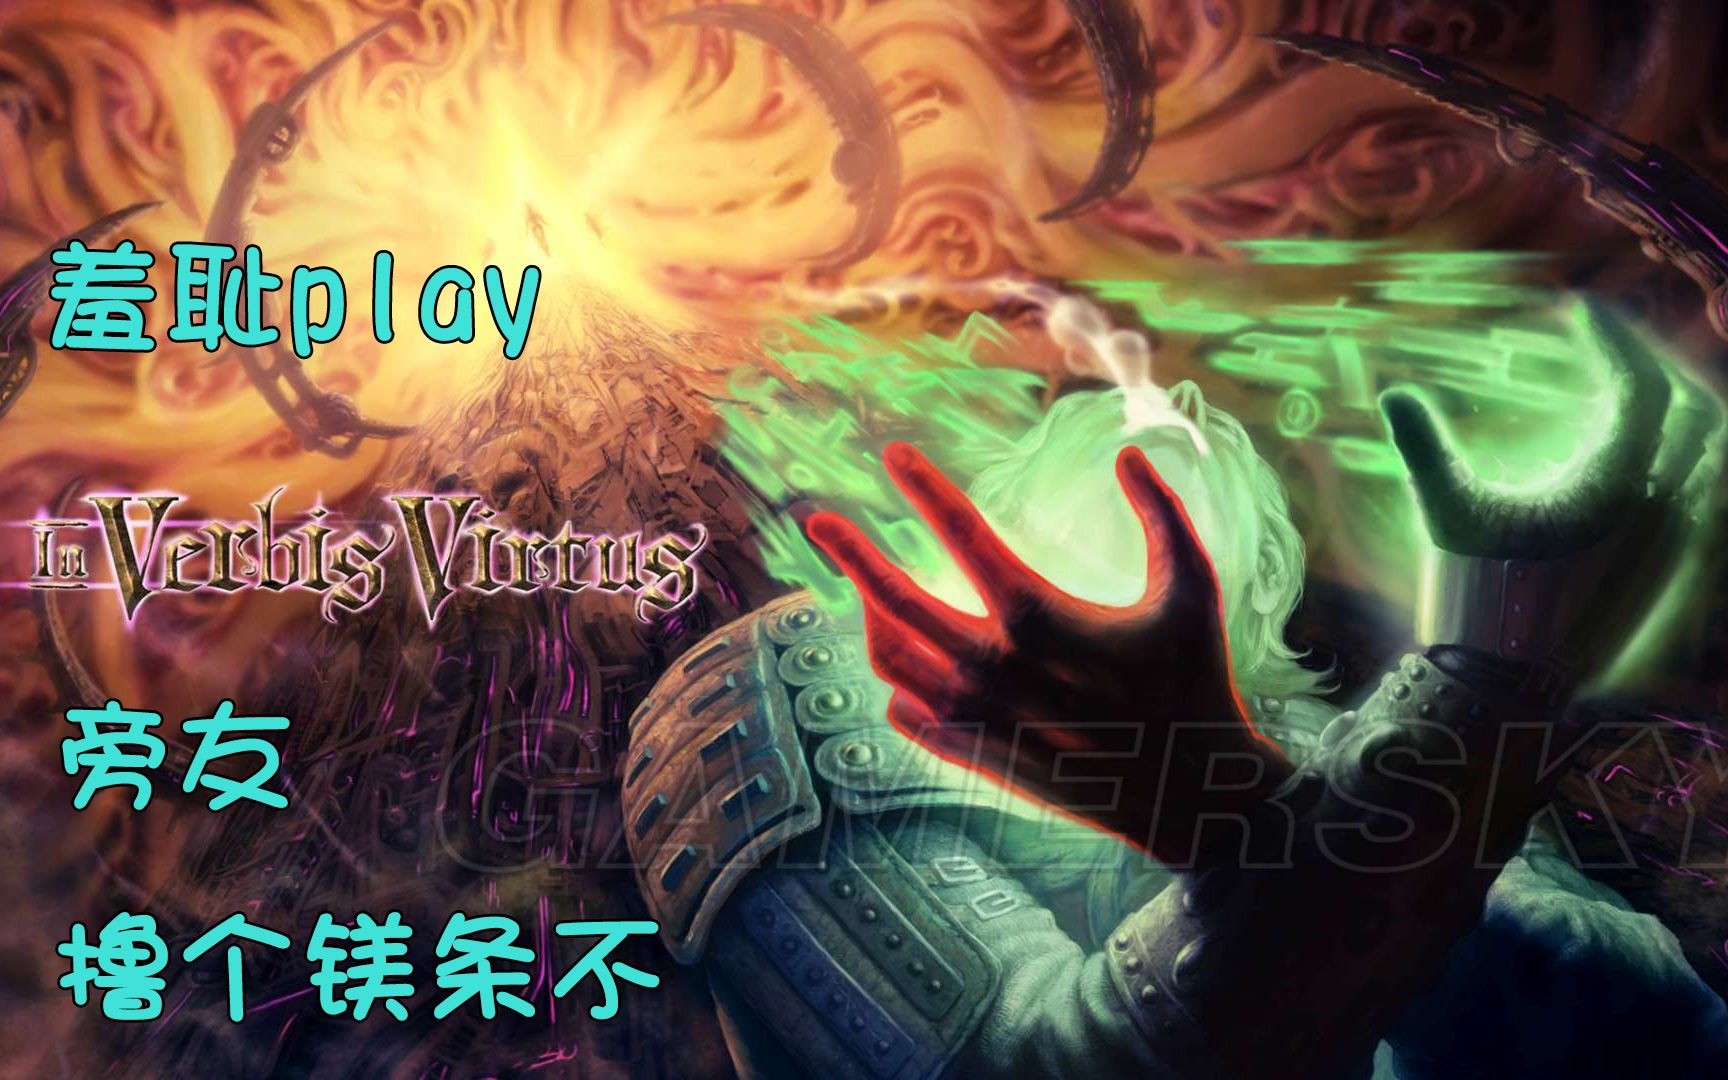 羞耻play!只有念出技能名字才能放出技能【in verbis virtus】